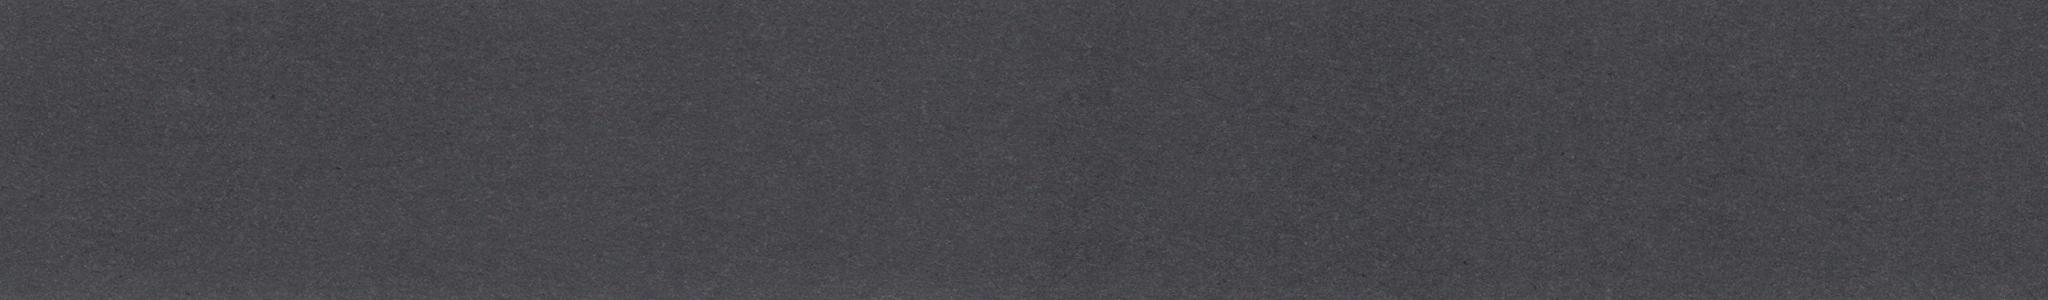 HU 39143 lamino hrana černá blinda hladká